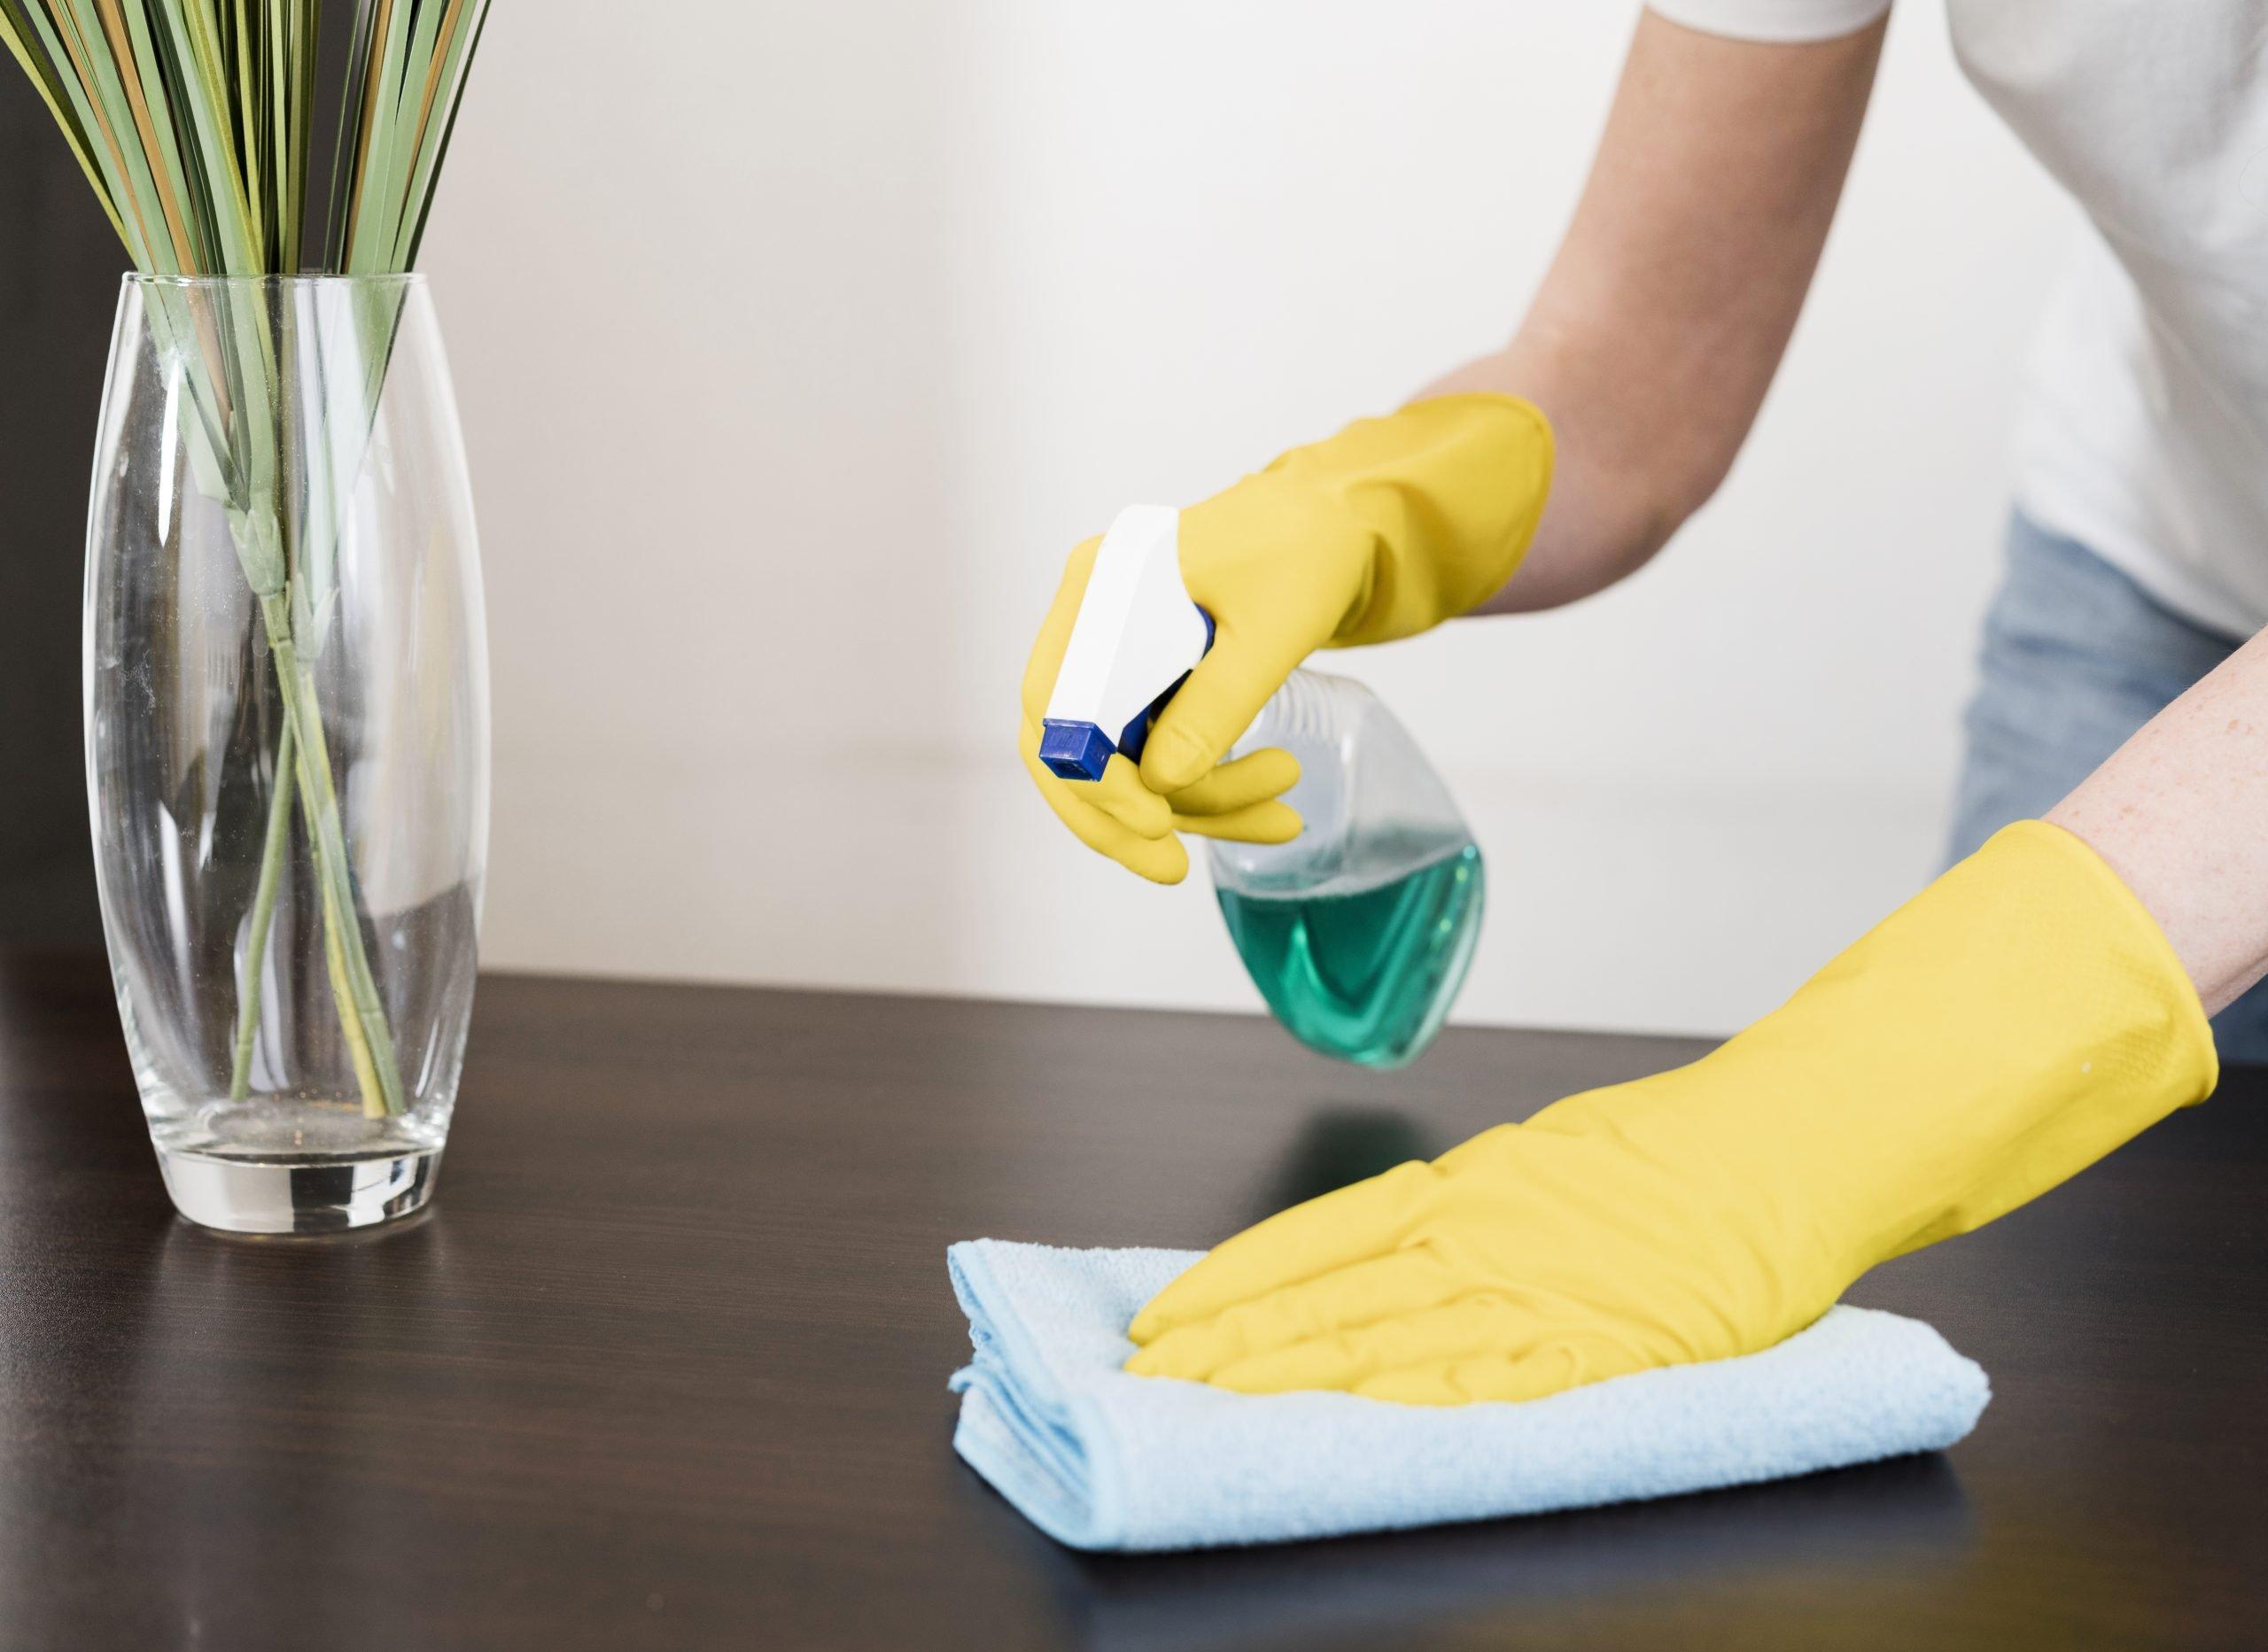 limpieza del hogar Usar guantes desechables al limpiar y lavar la ropa